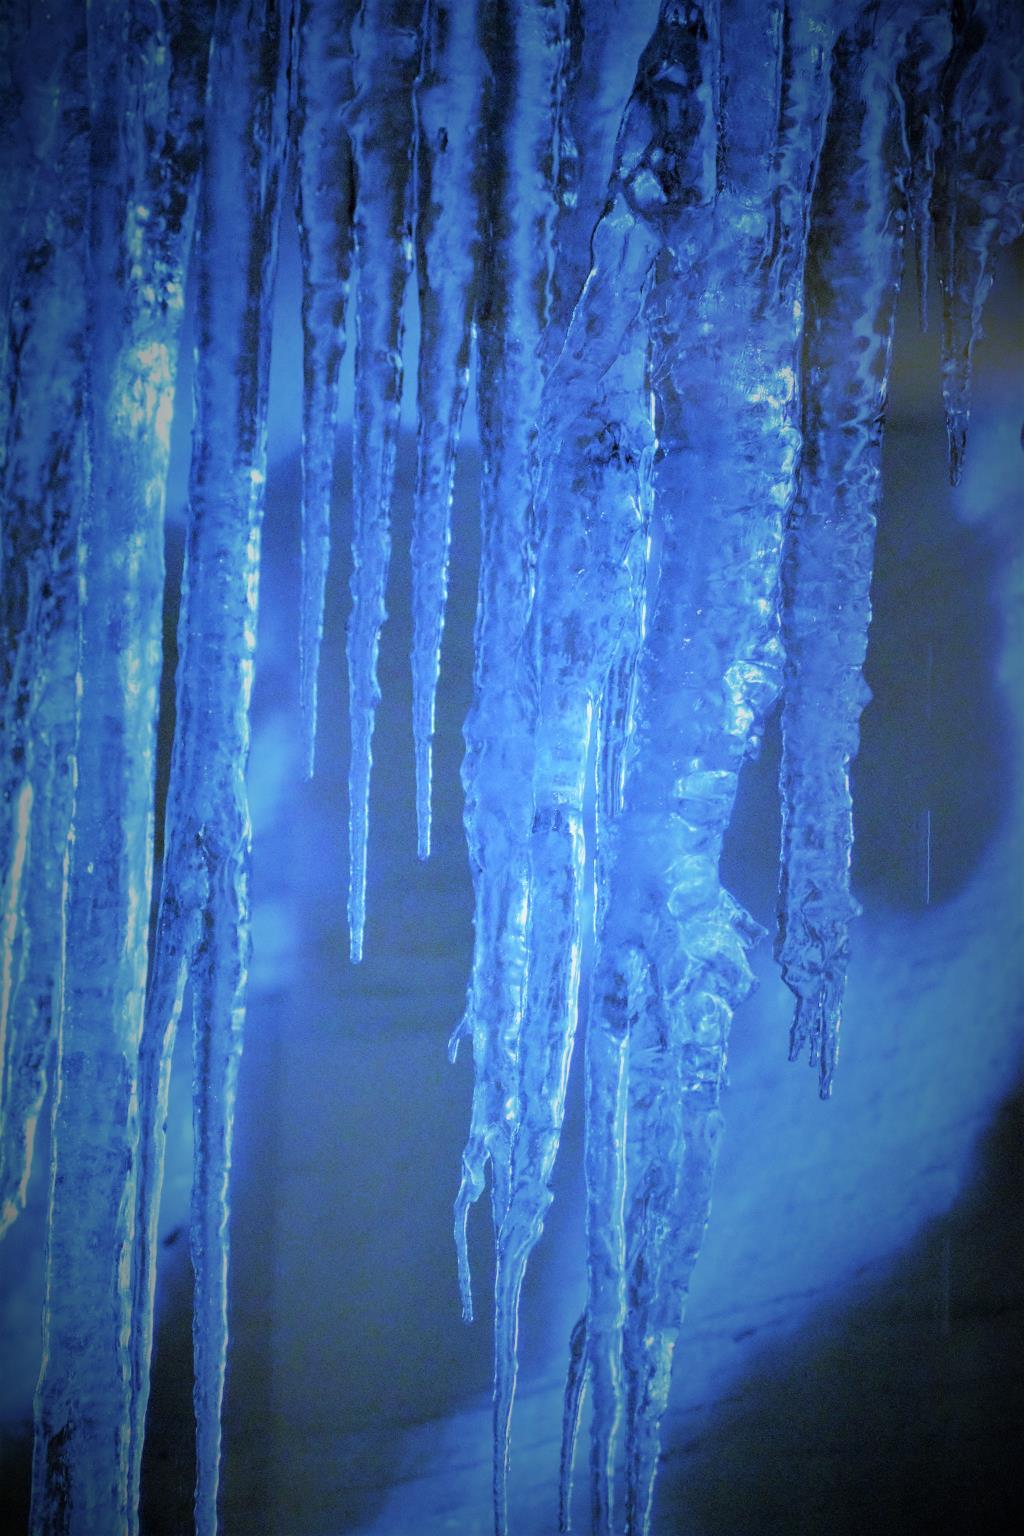 музыка льда. Блиц: лед